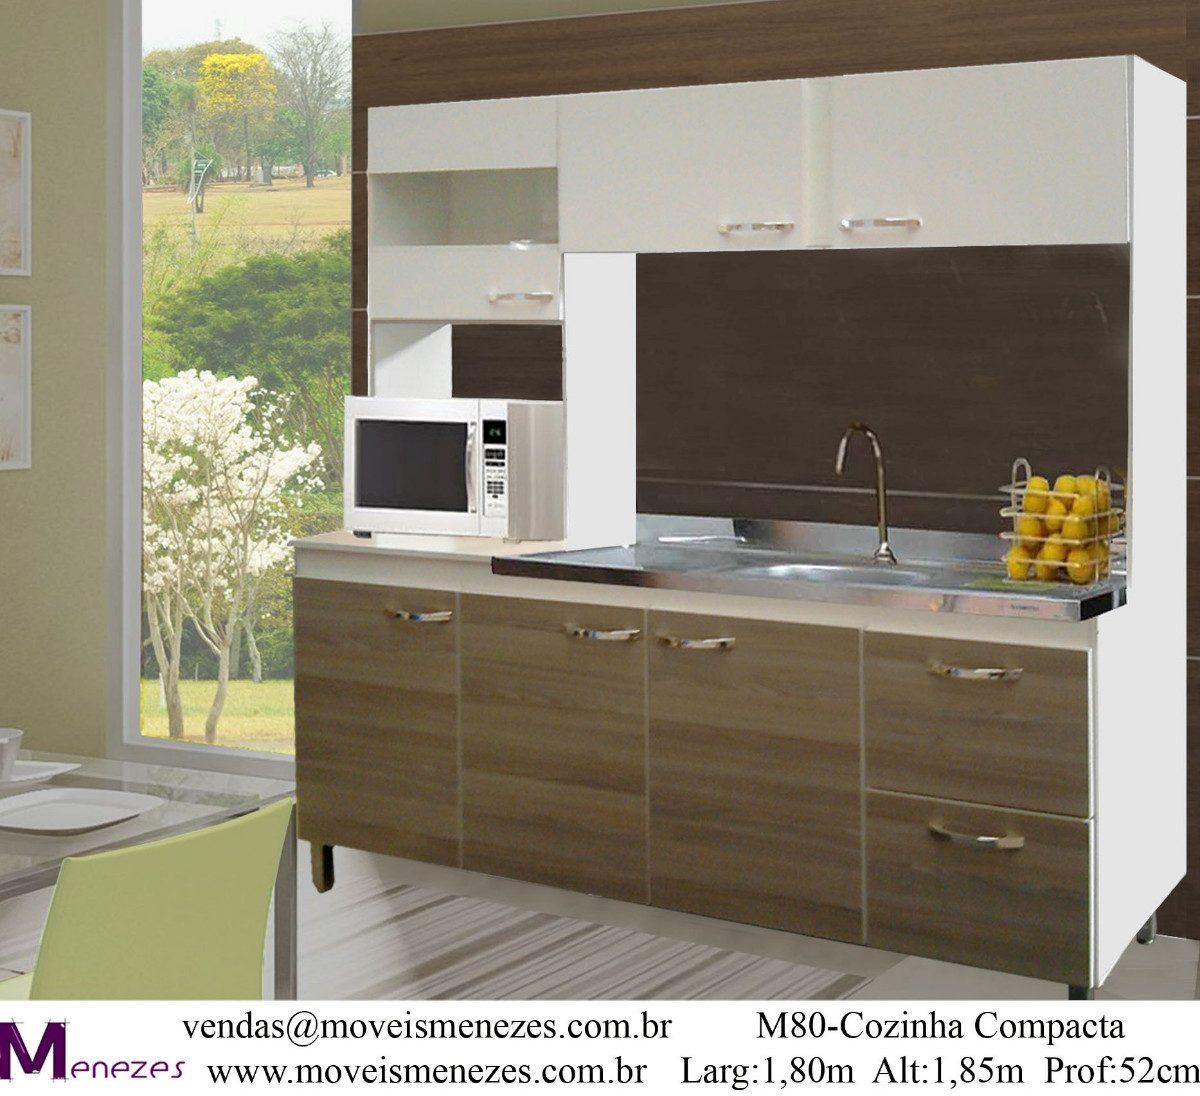 Cozinha Compacta Onde Comprar Beyato Com V Rios Desenhos Sobre